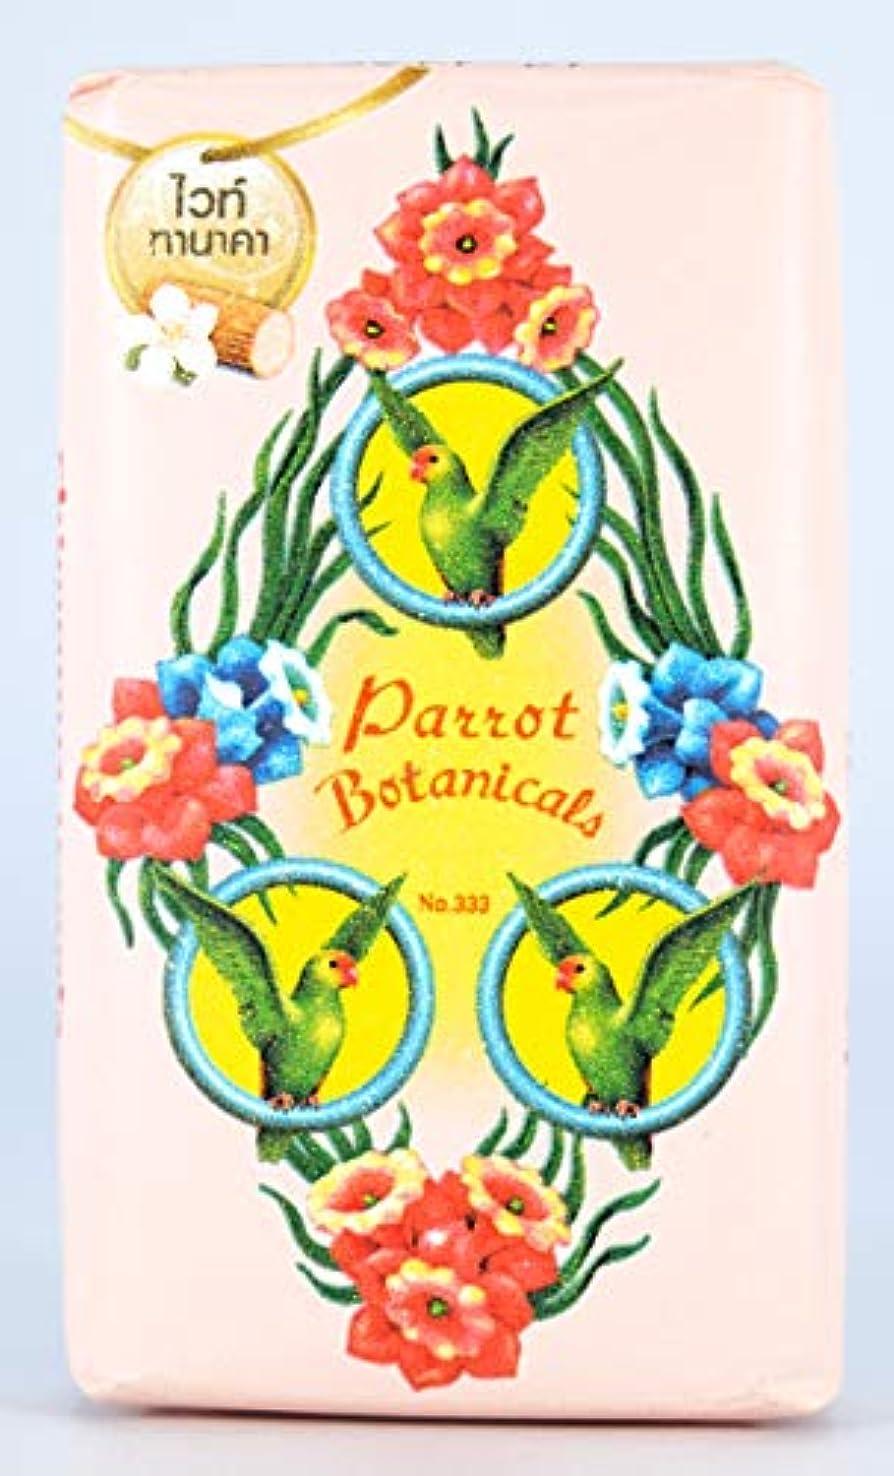 食用悪党賠償Parrot Soap Botanicals White Thanaka Fragrance 70g.x4